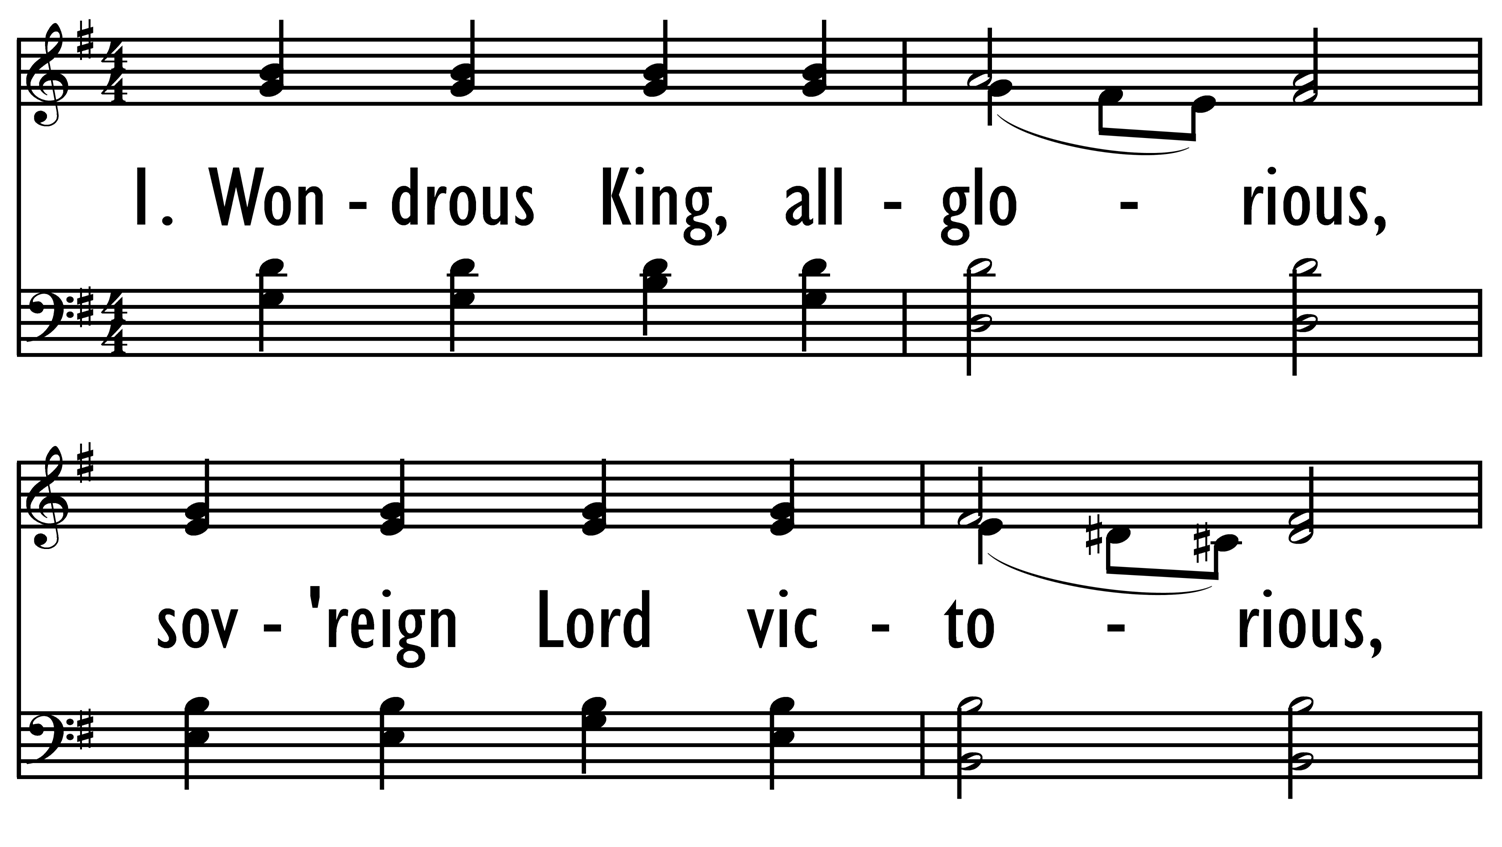 WONDROUS KING, ALL-GLORIOUS-ppt